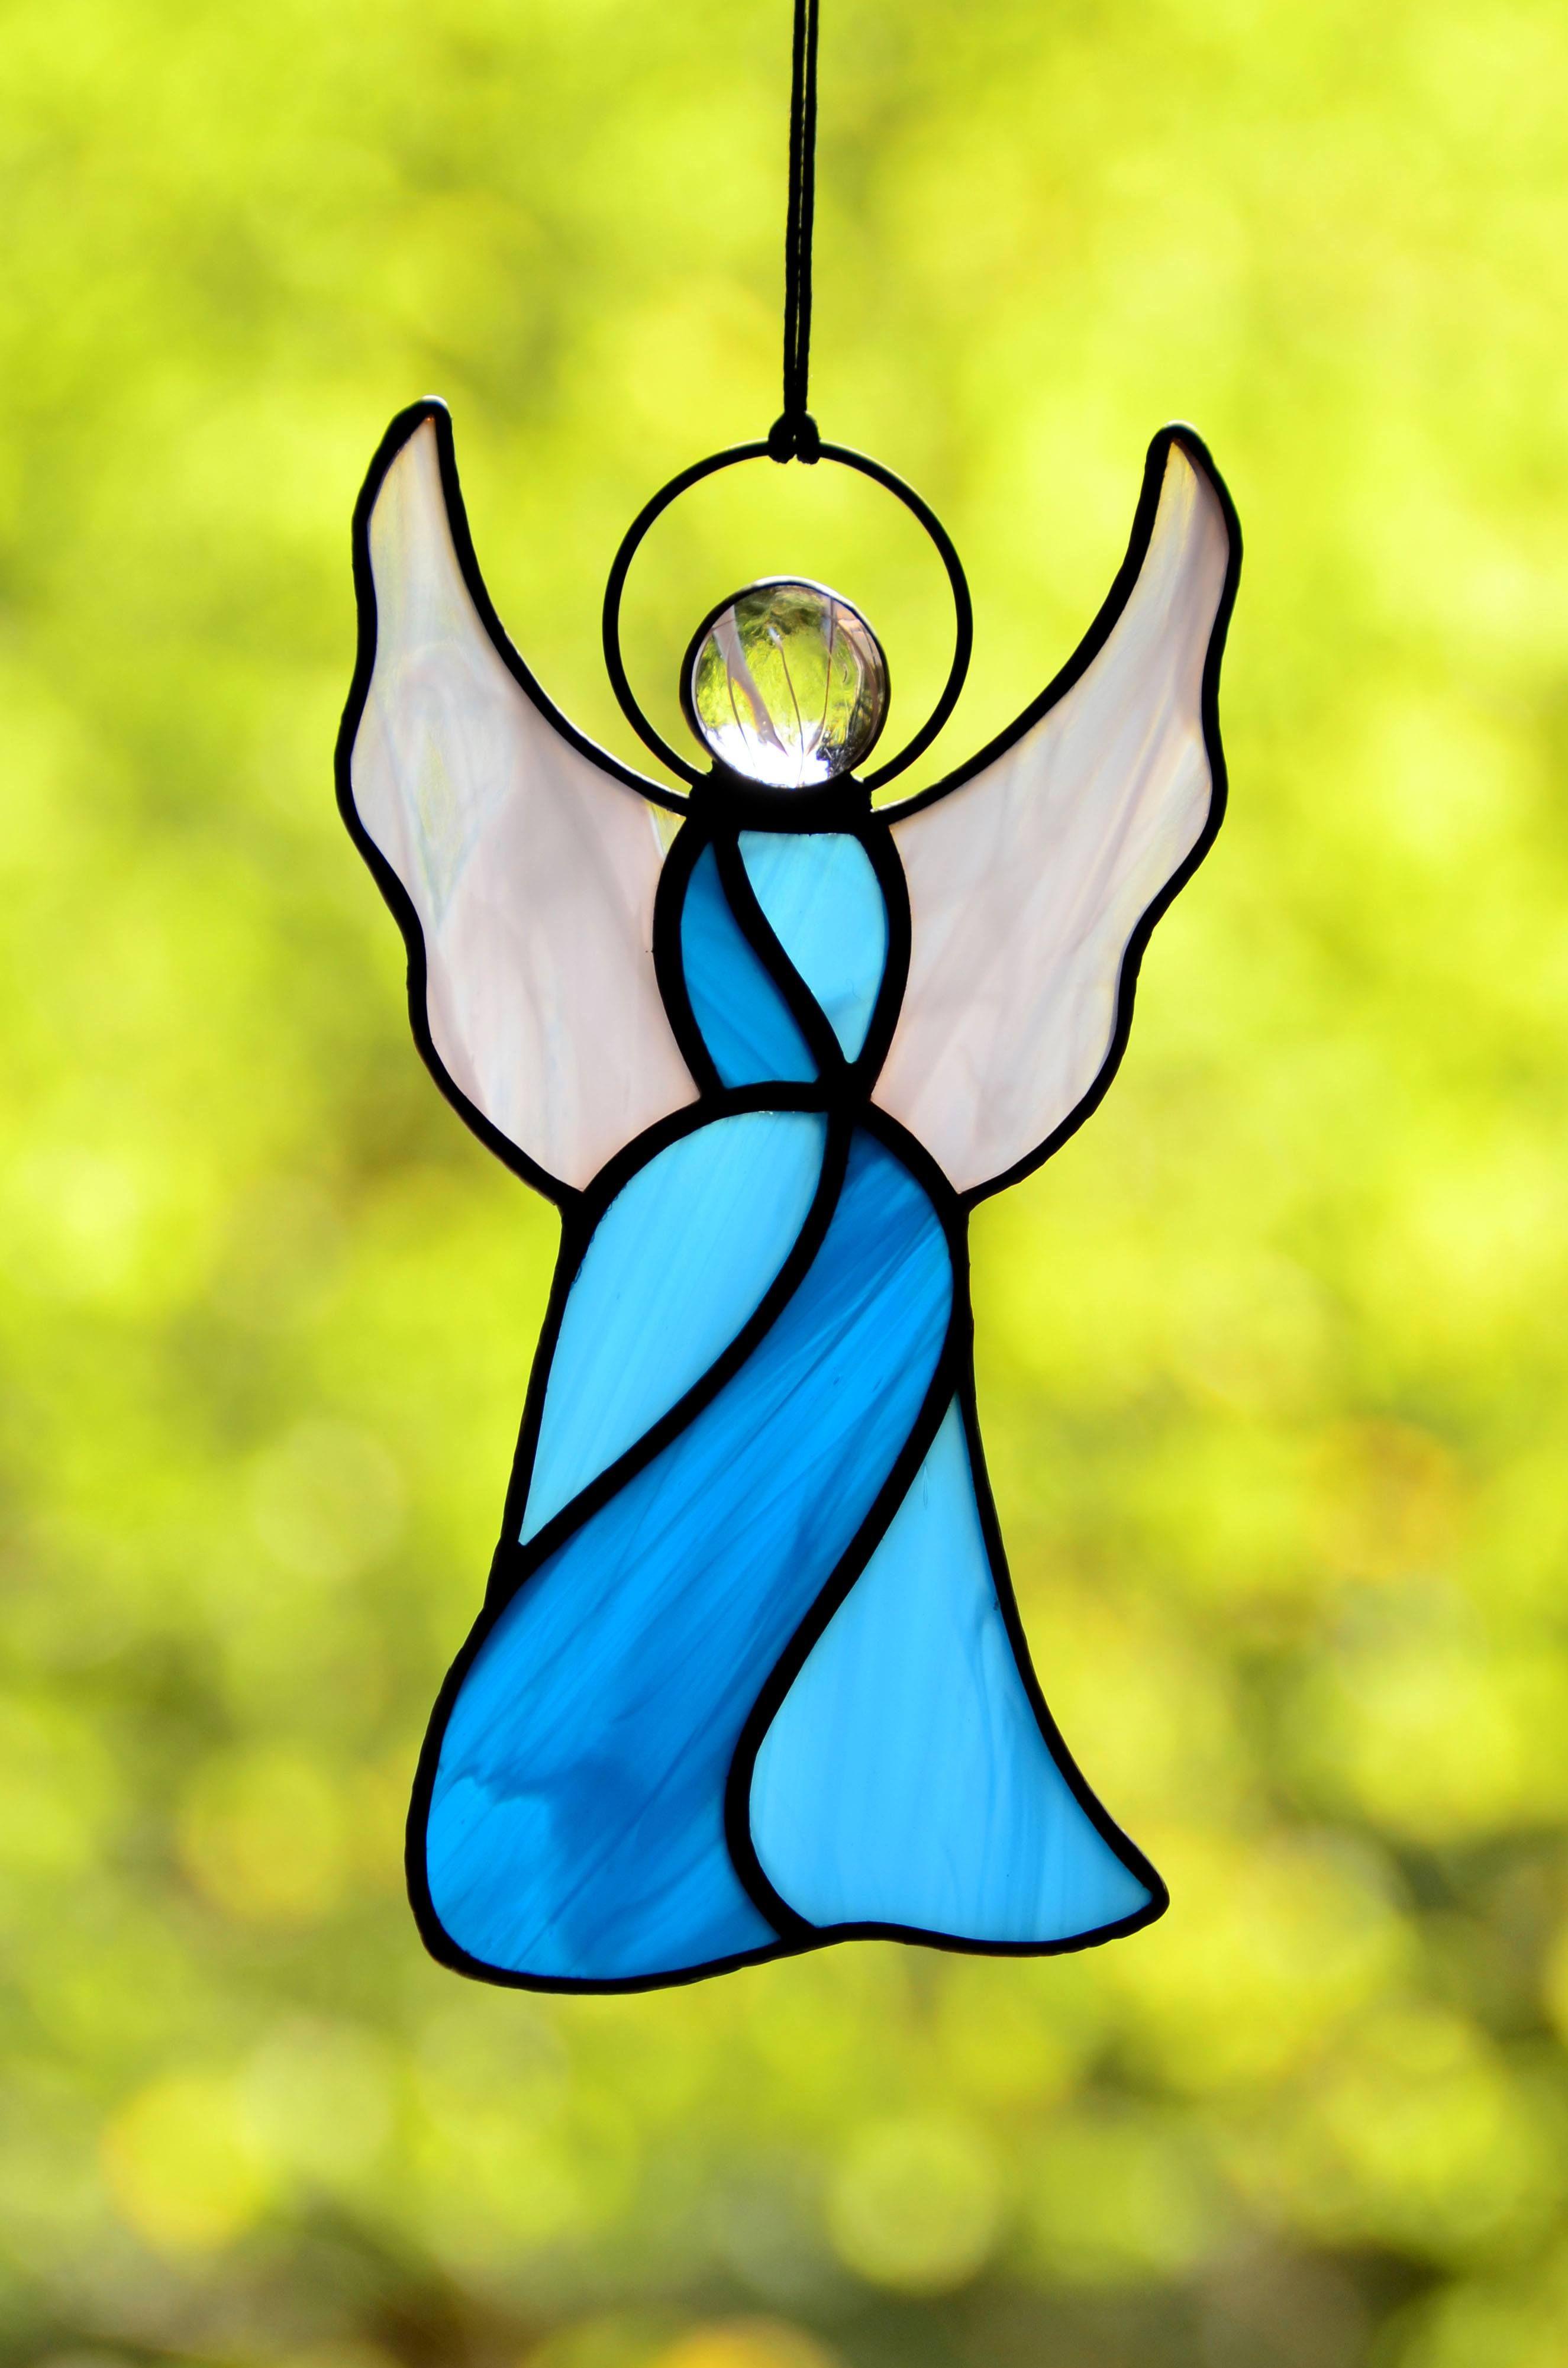 Stained glass angel, stainglass suncatcher, religious decor, window ...